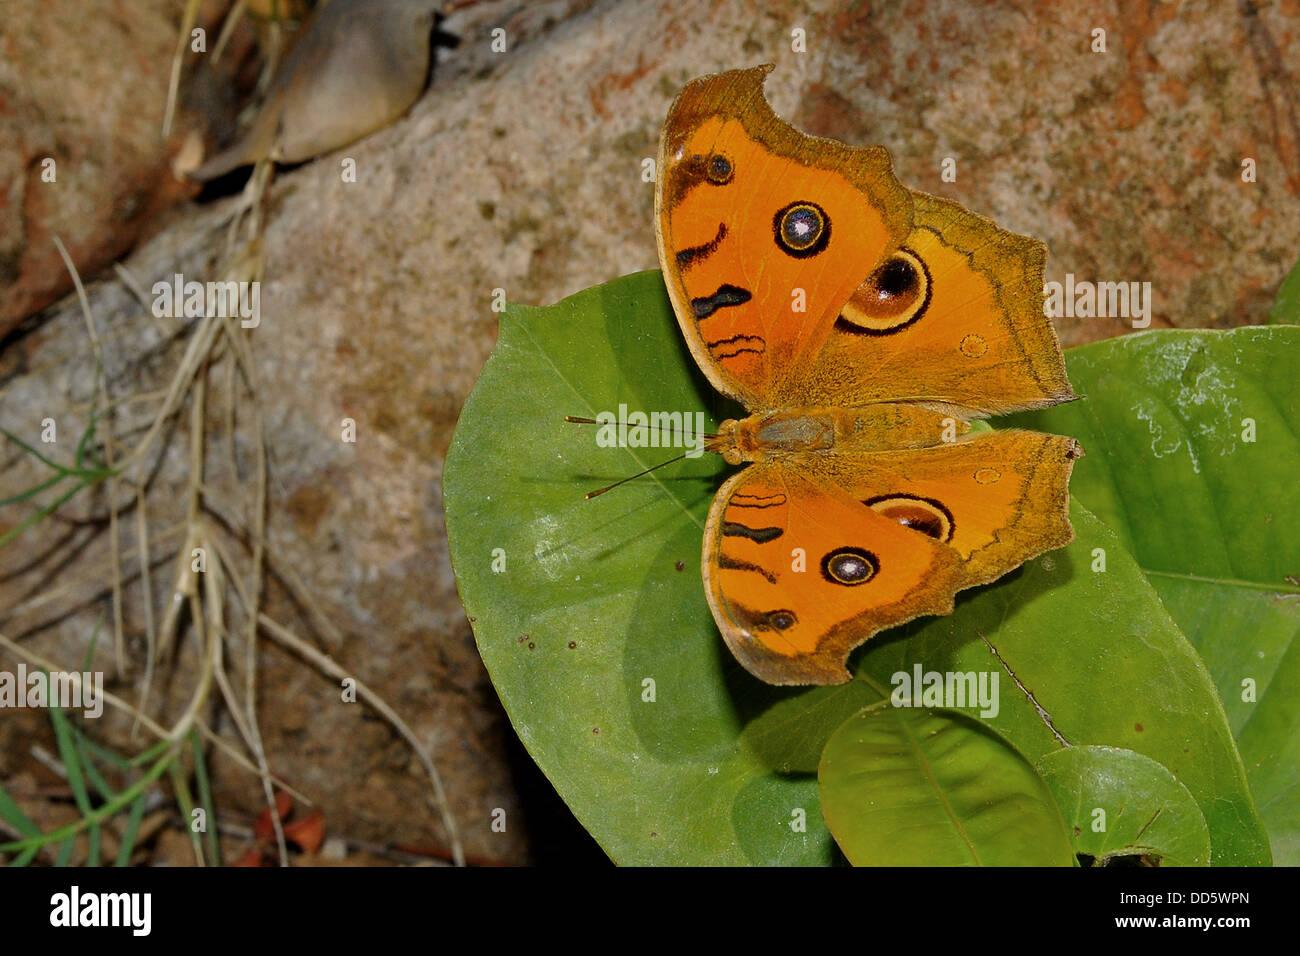 Un pavone pansy butterfly appoggiata su una foglia. Immagini Stock